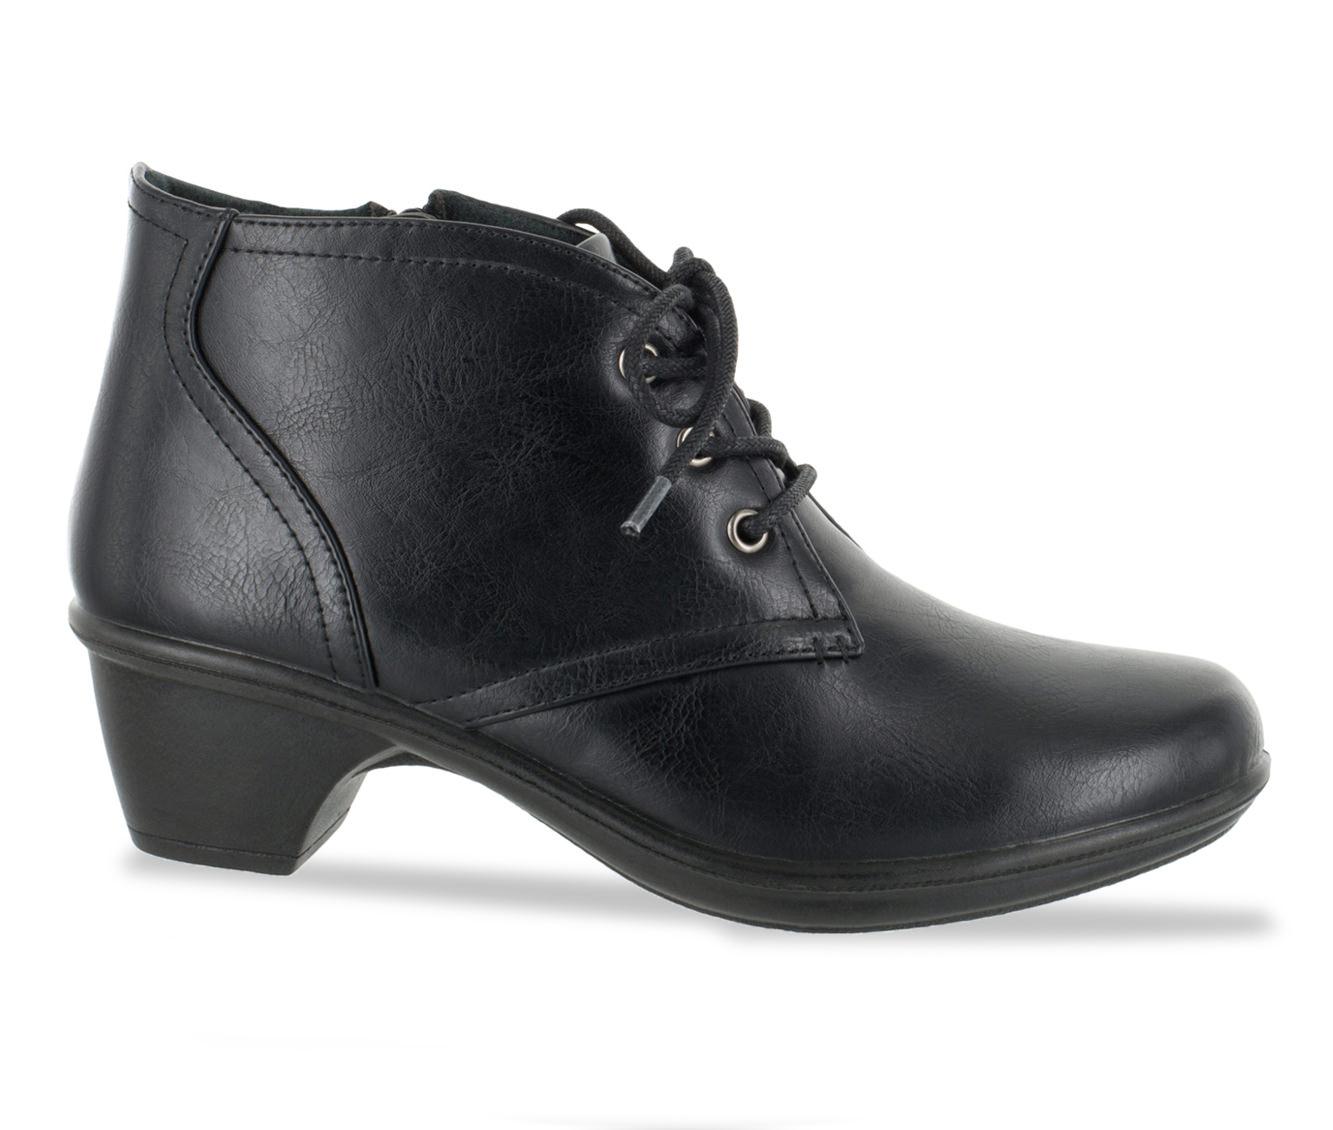 Easy Street Debbie Women's Shoe (Black - Faux Leather)